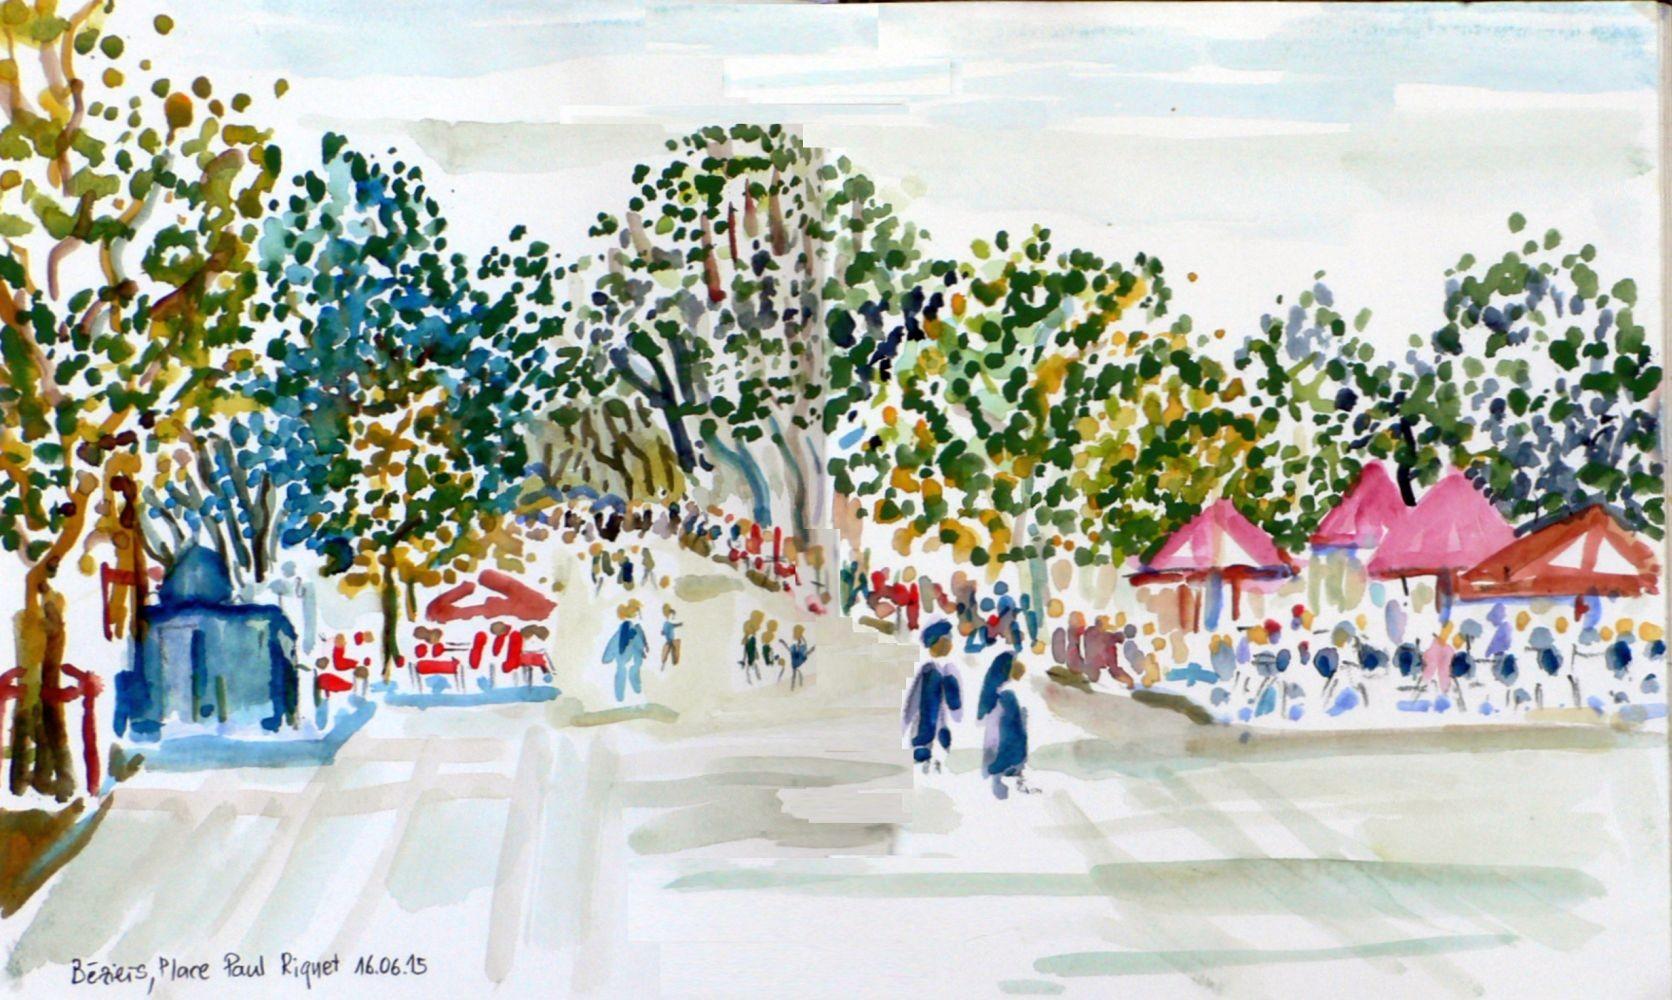 Béziers - Place Paul Riquet